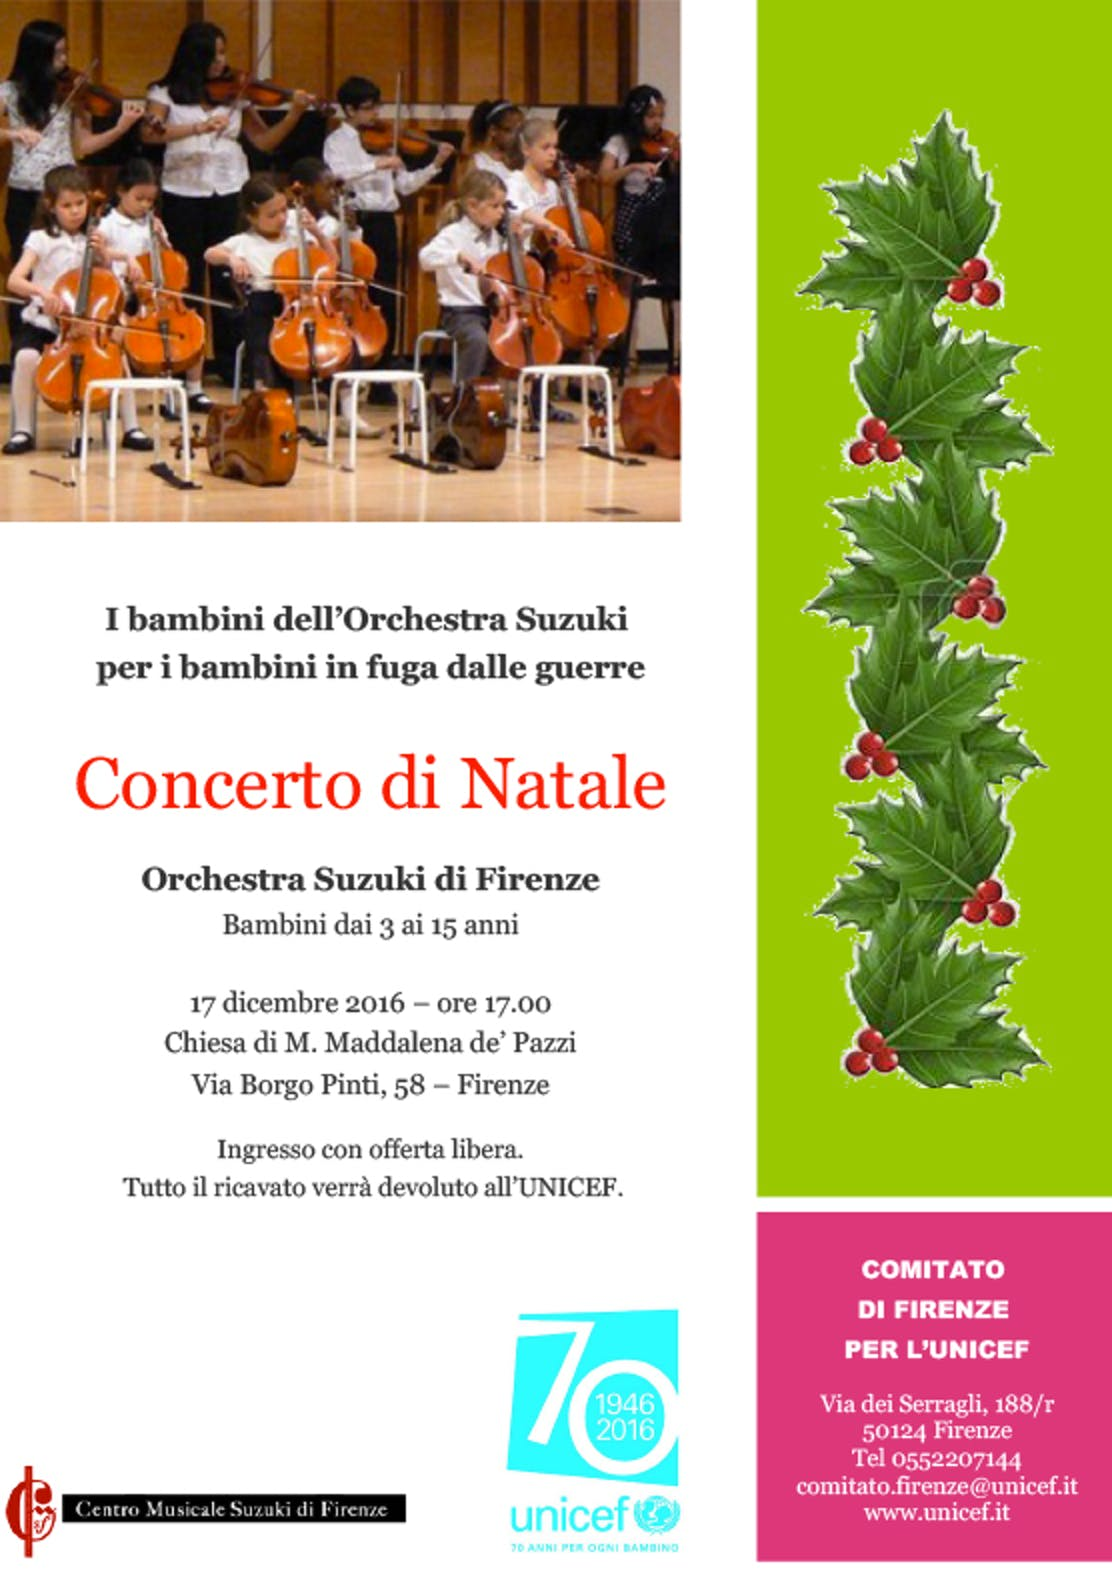 Locandina Concerto Orchestra Suzuki